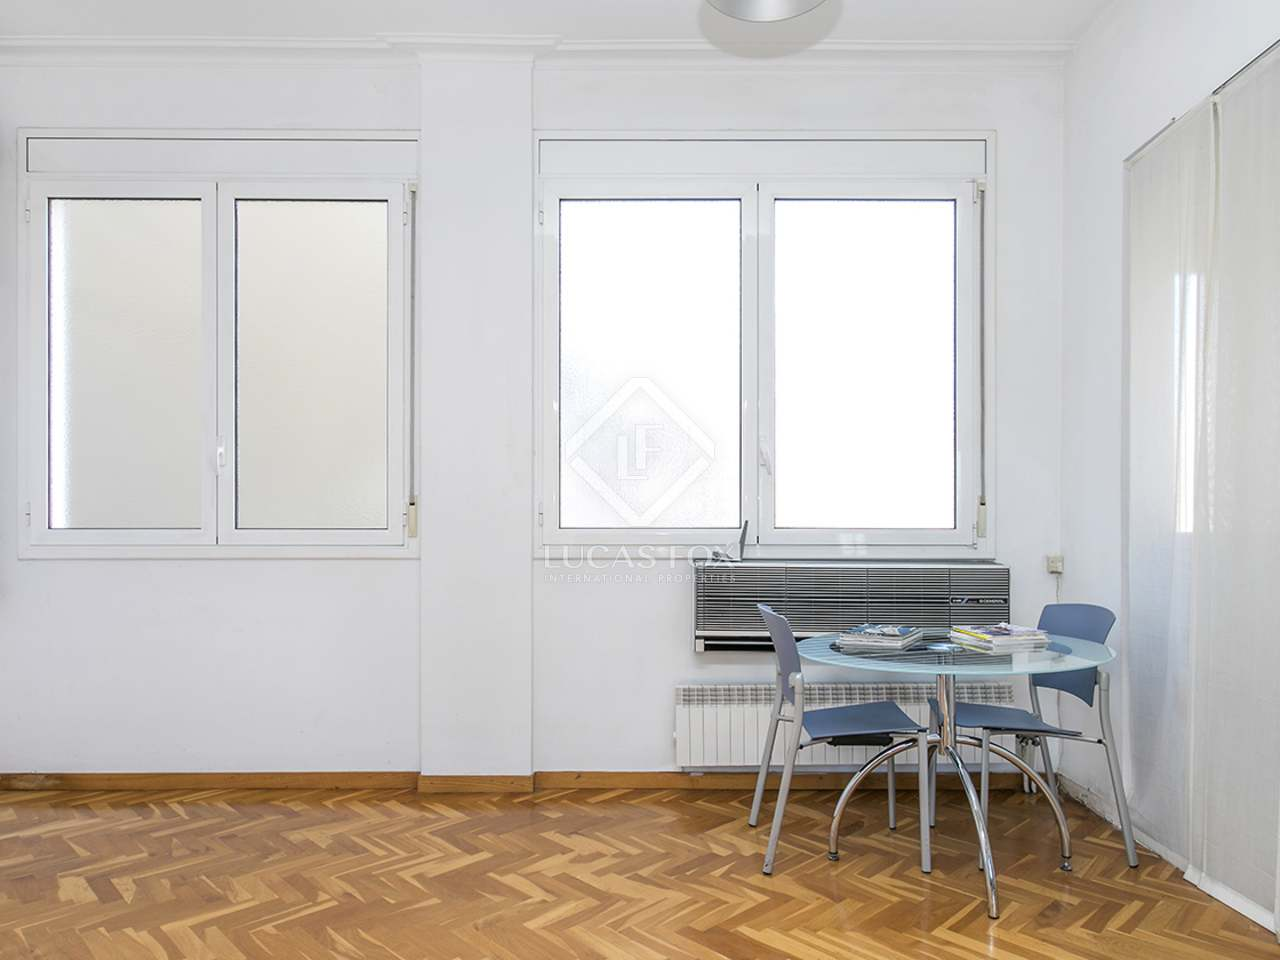 207m wohnung zum verkauf in sant gervasi galvany. Black Bedroom Furniture Sets. Home Design Ideas